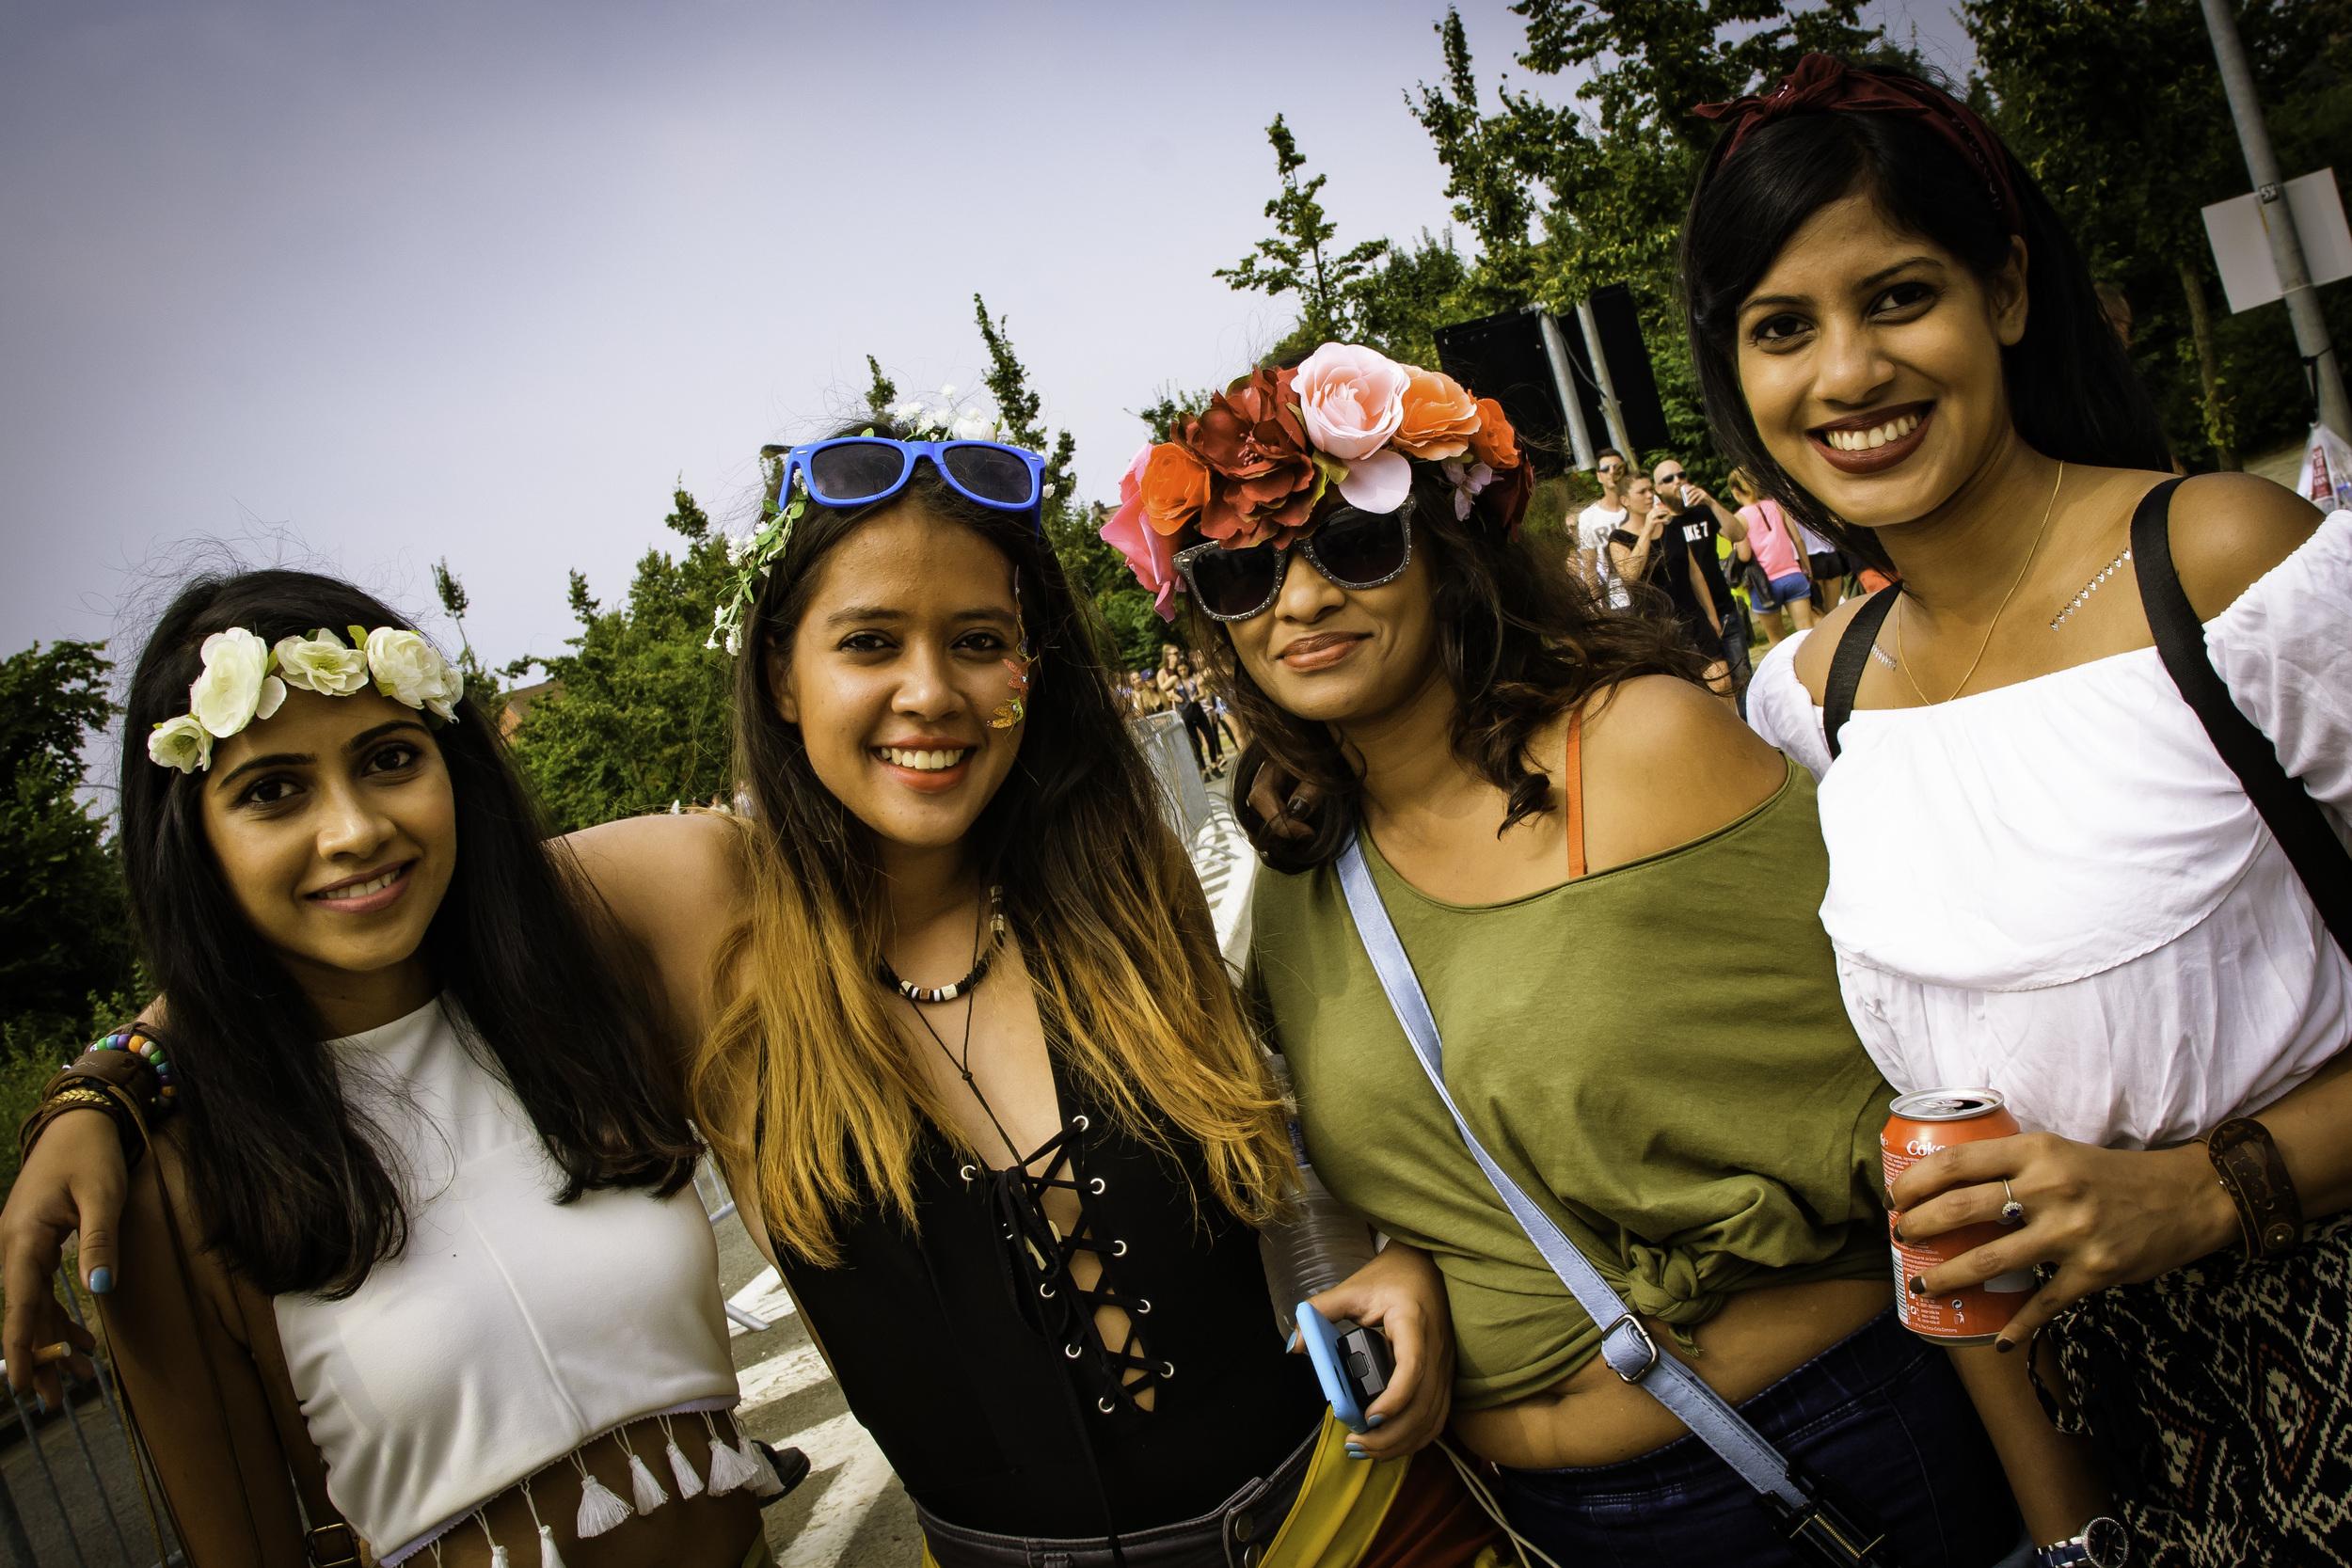 viewfinder-geen-eigenzinnige-fotografie-wel-snapshots-tomorrowland-themadness-2016-flowergirls-we-come-from-brasil